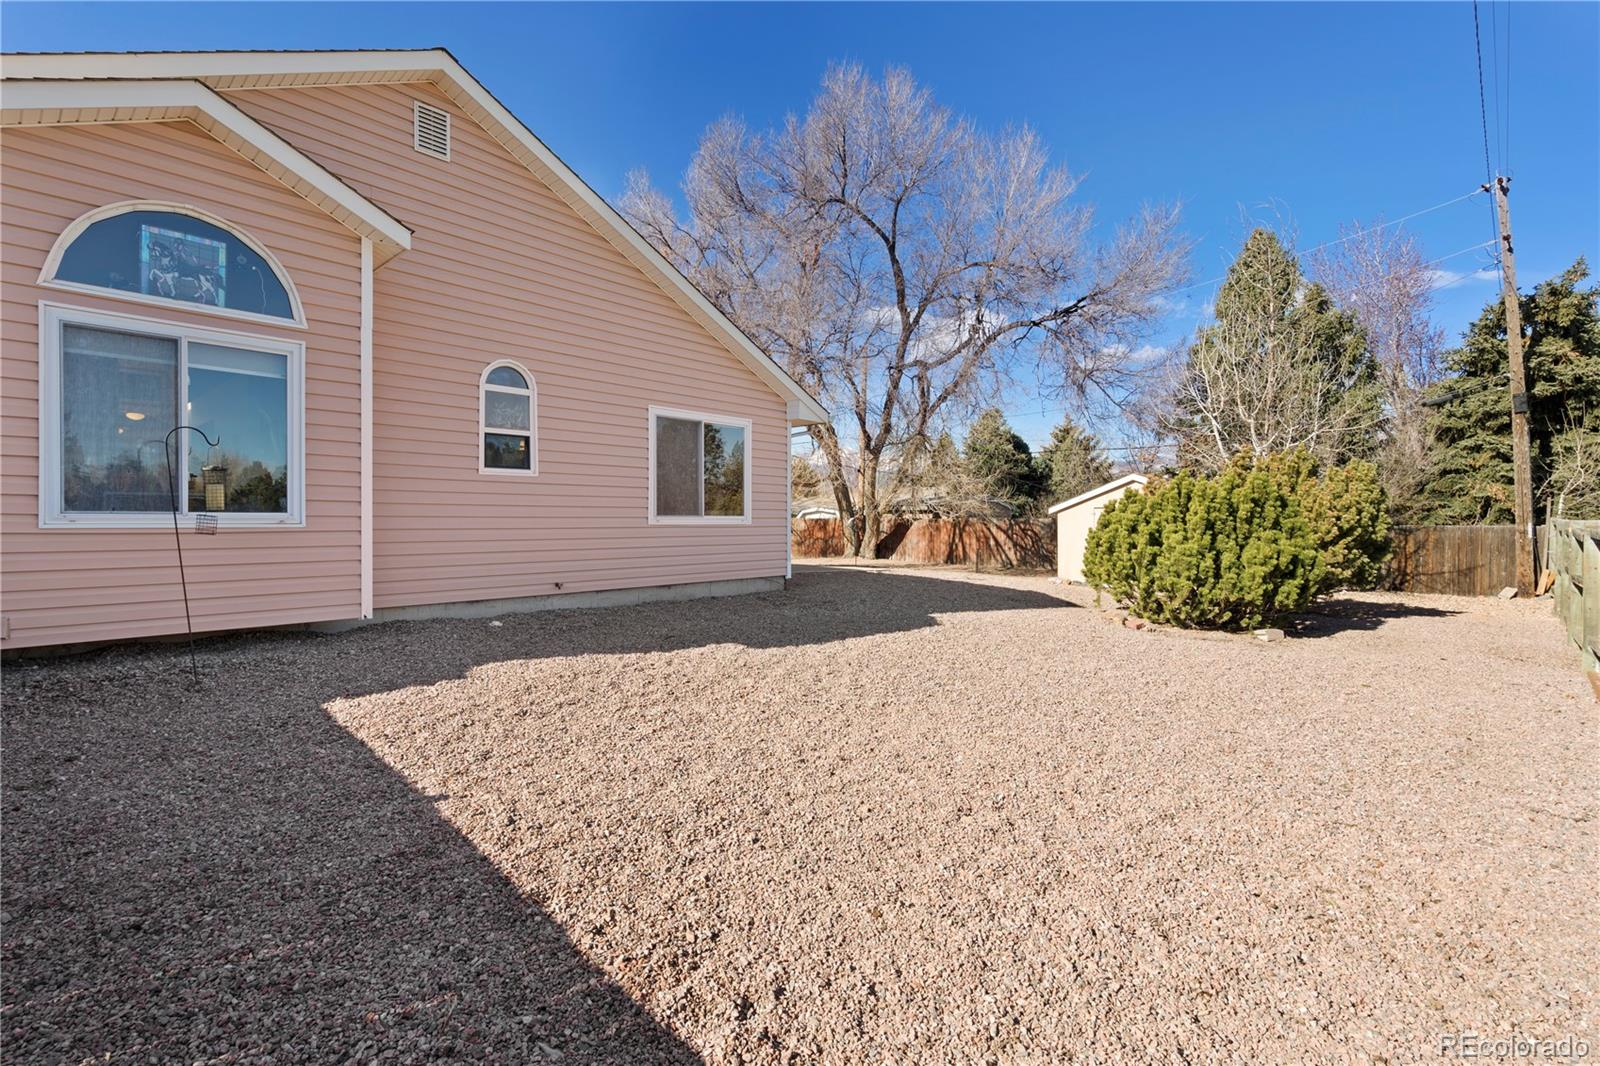 MLS# 1721256 - 25 - 6464 Wicklow Circle, Colorado Springs, CO 80918